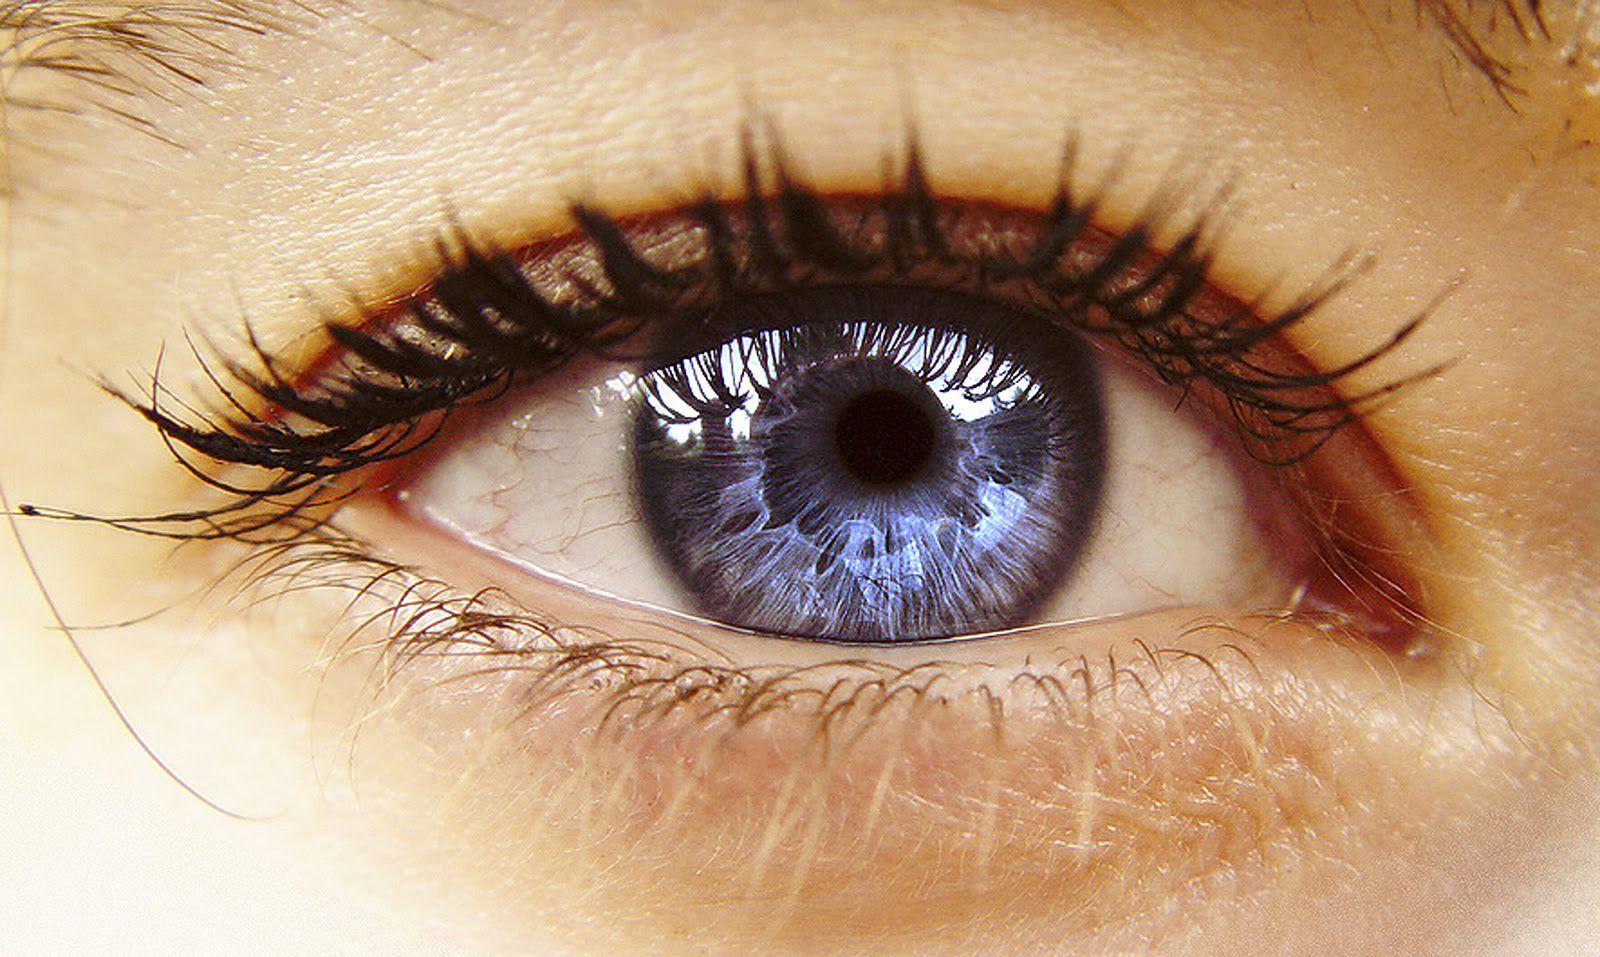 Hogyan lehet csökkenteni a legyeket a szem előtt